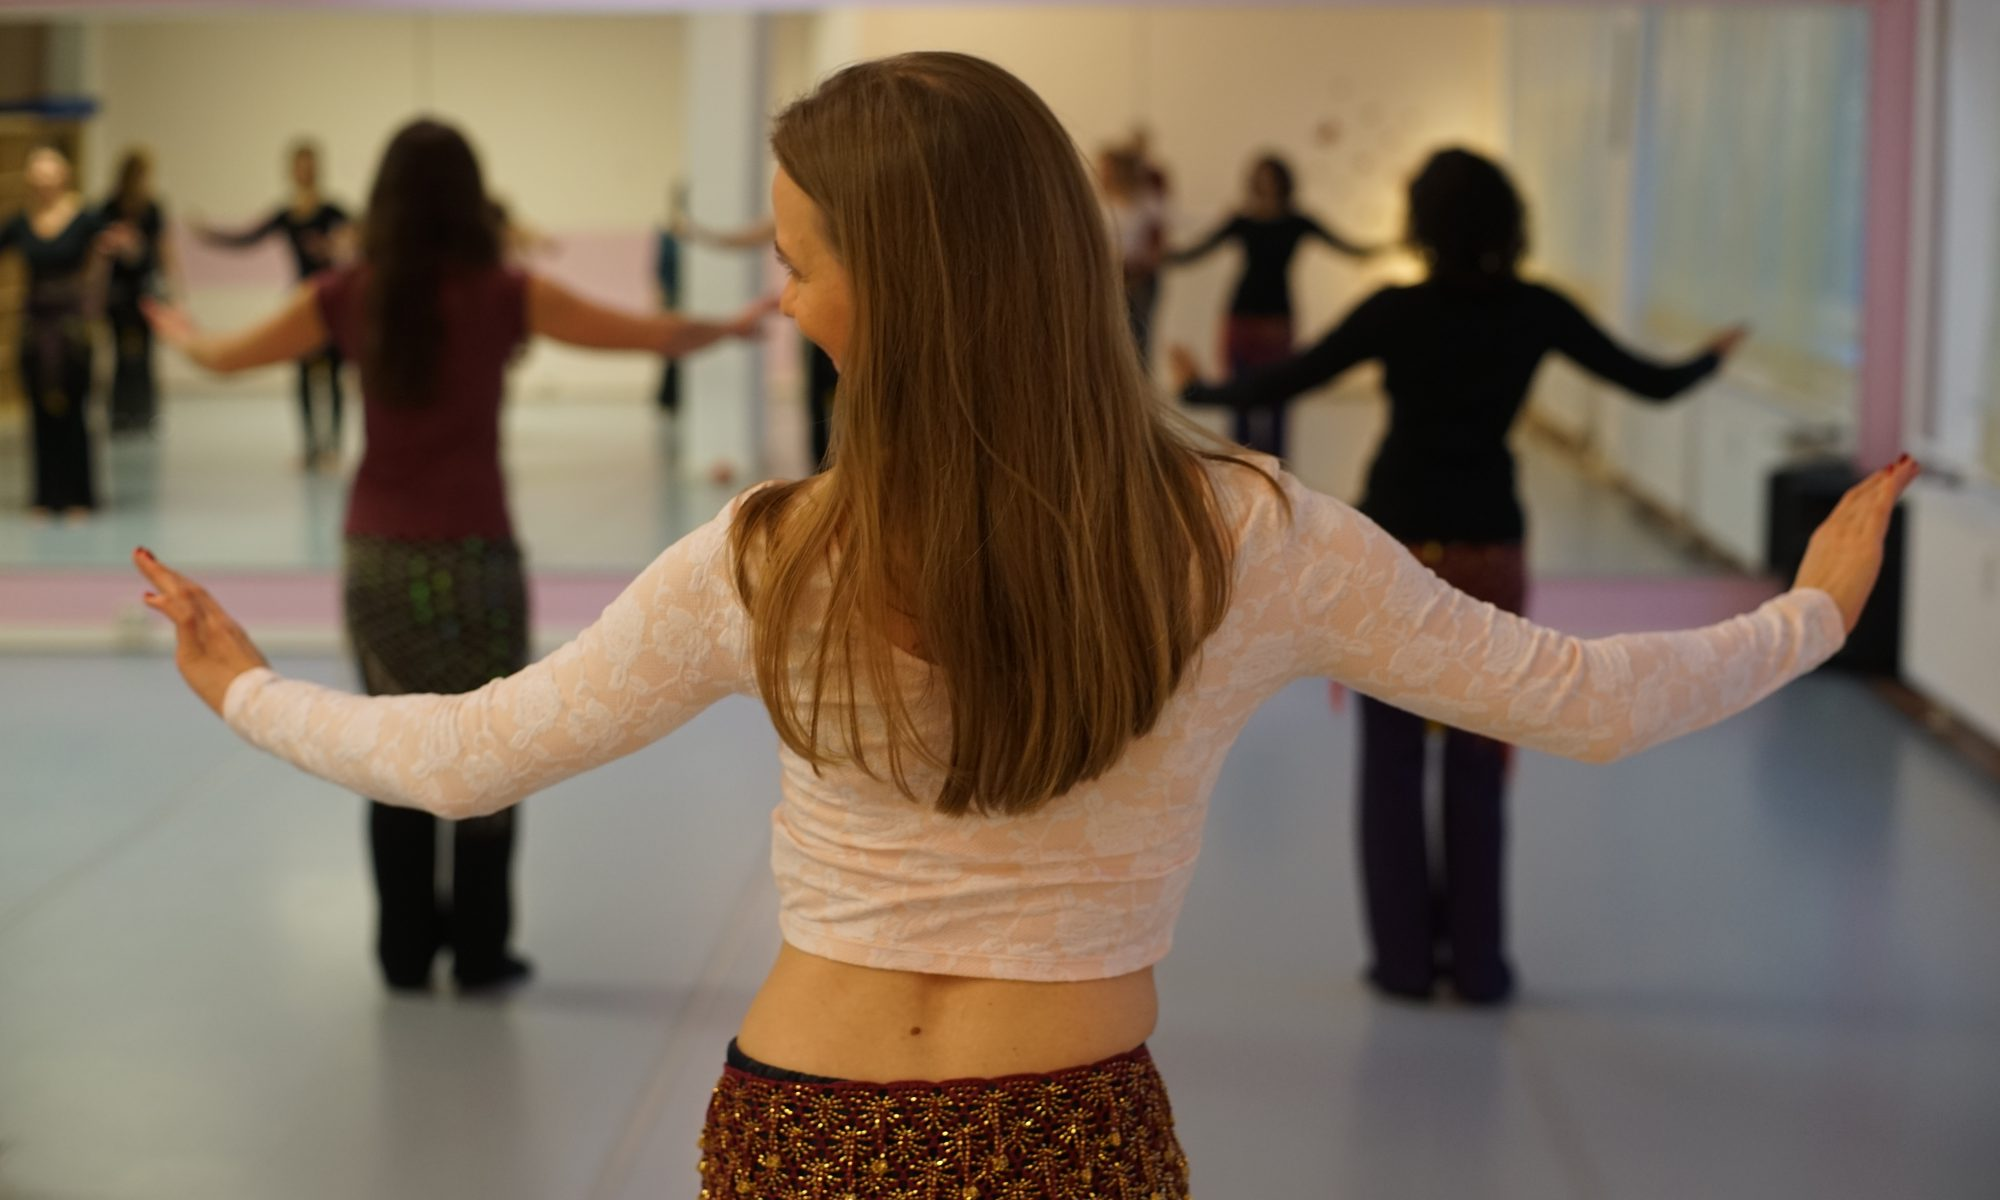 Drei Übungen aus dem Orientalischen Tanz, mit denen Du Deinen Rücken entspannen und Schmerzen vorbeugen kannst